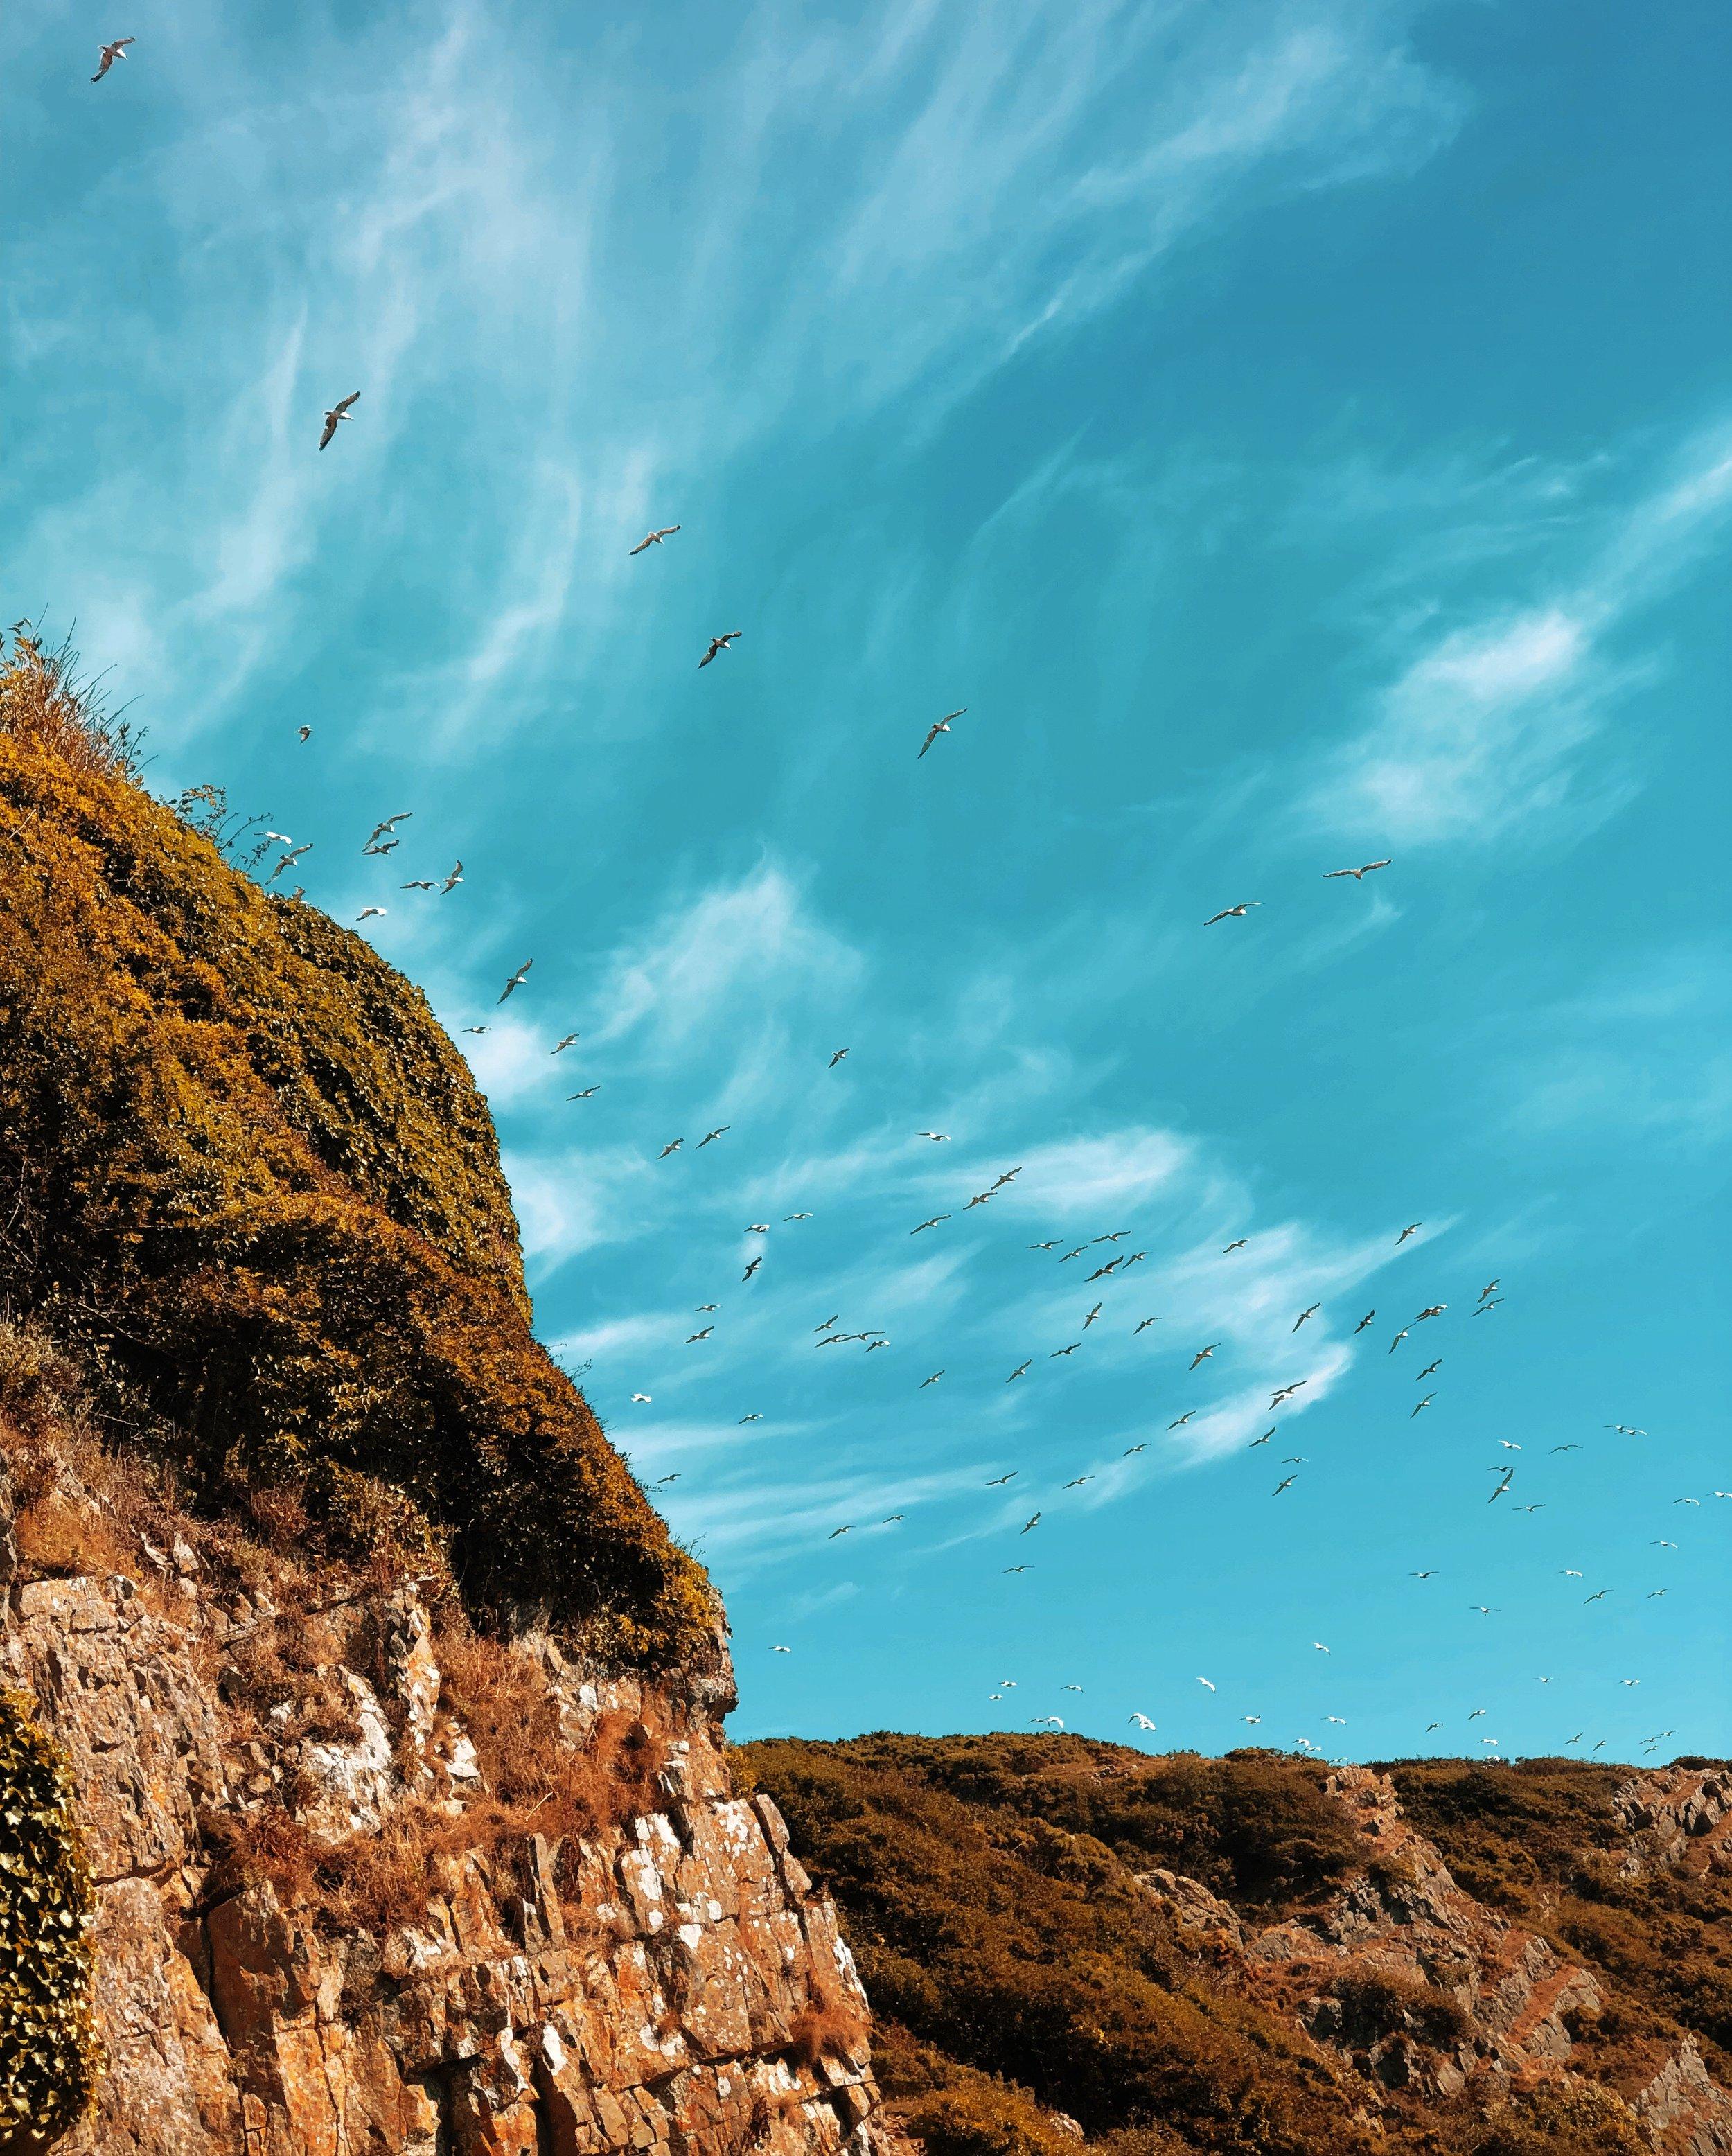 The gulls flocked around Ramsgrove Cove.